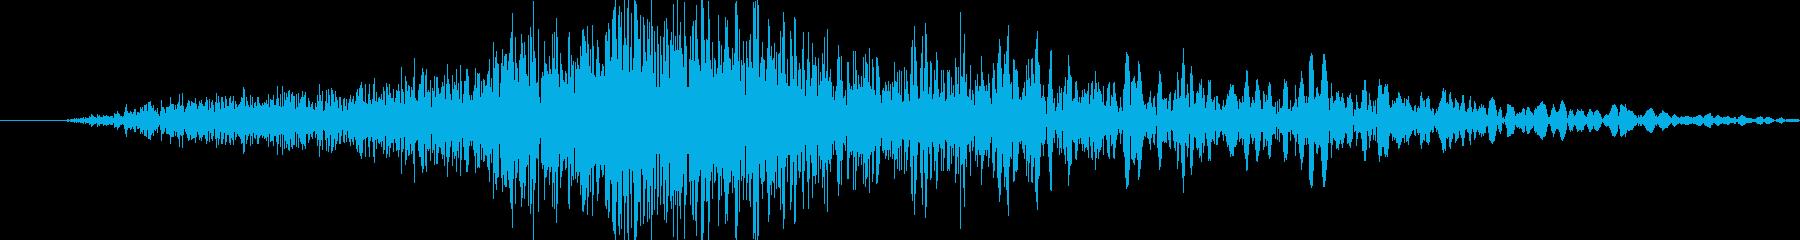 刀剣を振った際の風音(シュッ)の再生済みの波形